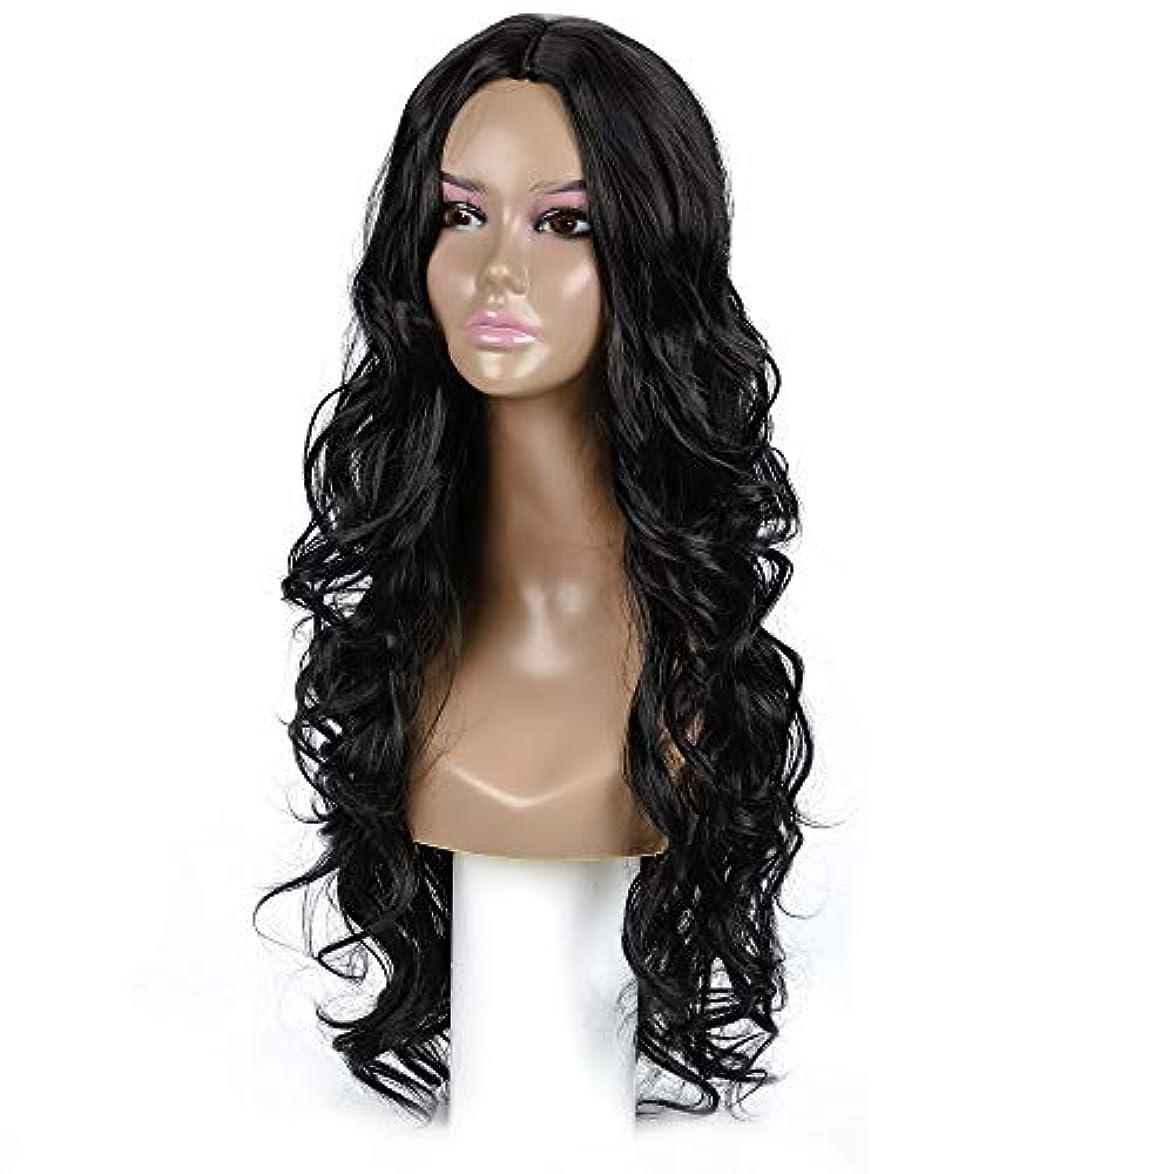 初期の放棄された急ぐ女性のナチュラルブラックロングカーリーウェーブのかかった髪かつら24インチの人工毛の交換かつらハロウィンコスプレ衣装アニメパーティーファッションかつら